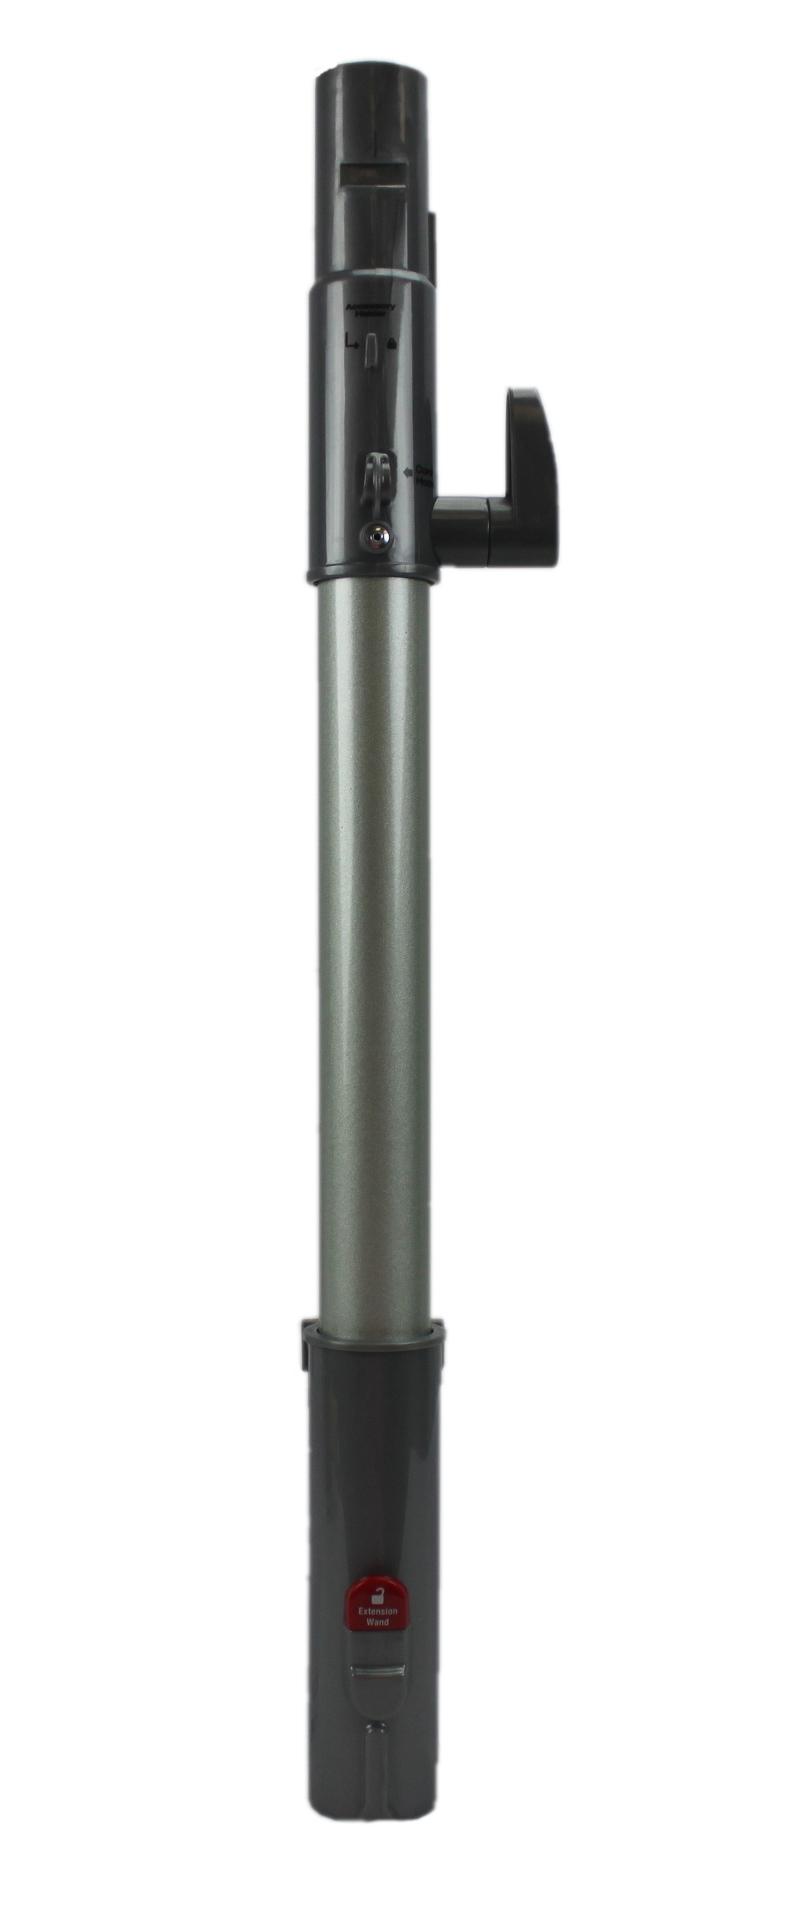 Shark Vacuum And Steam Cleaner Parts Evacuumstore Com